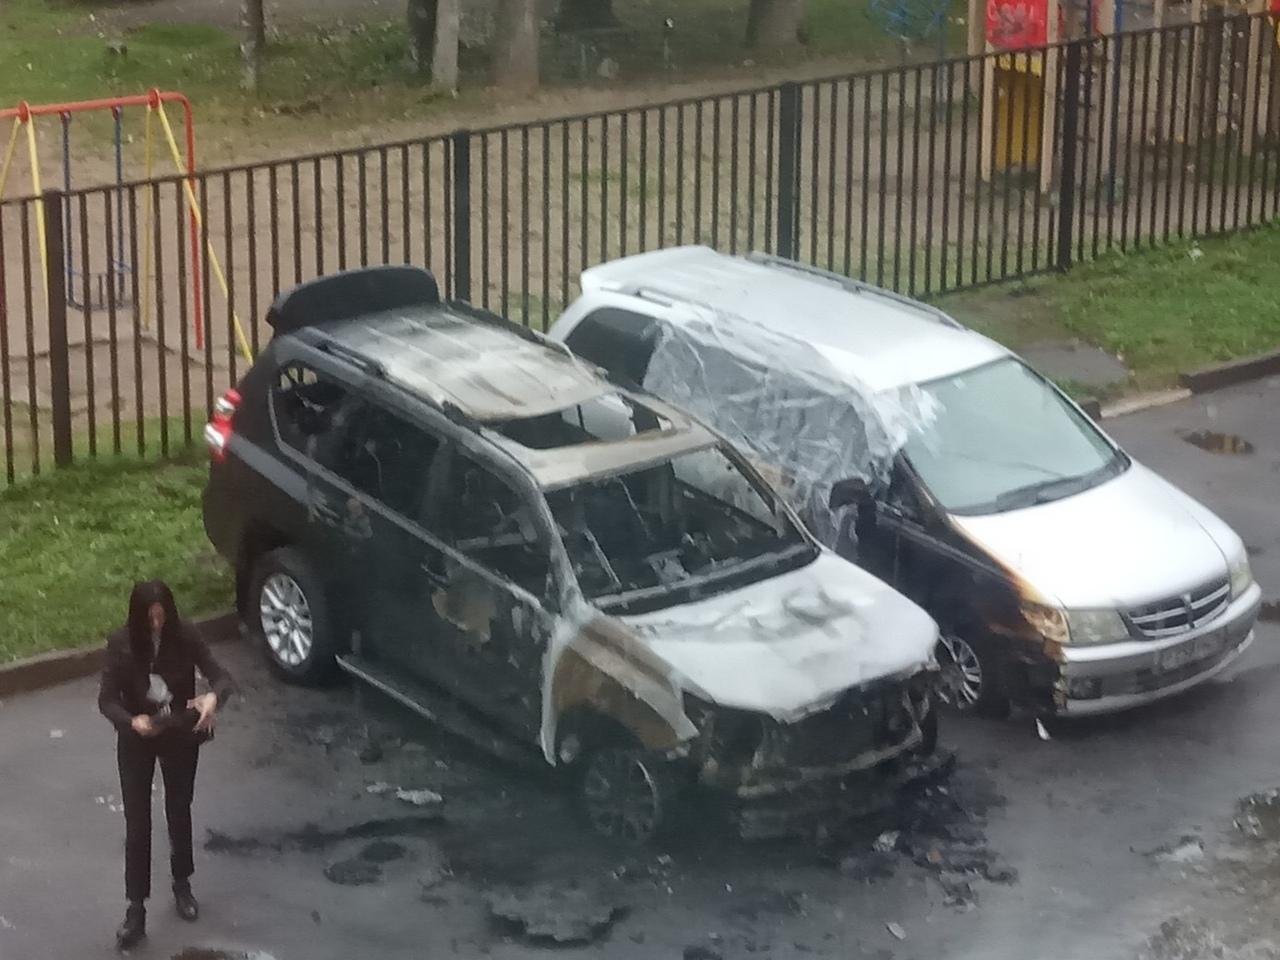 «90-е возвращаются»: в Дзержинском районе Ярославля снова подожгли машину – видео